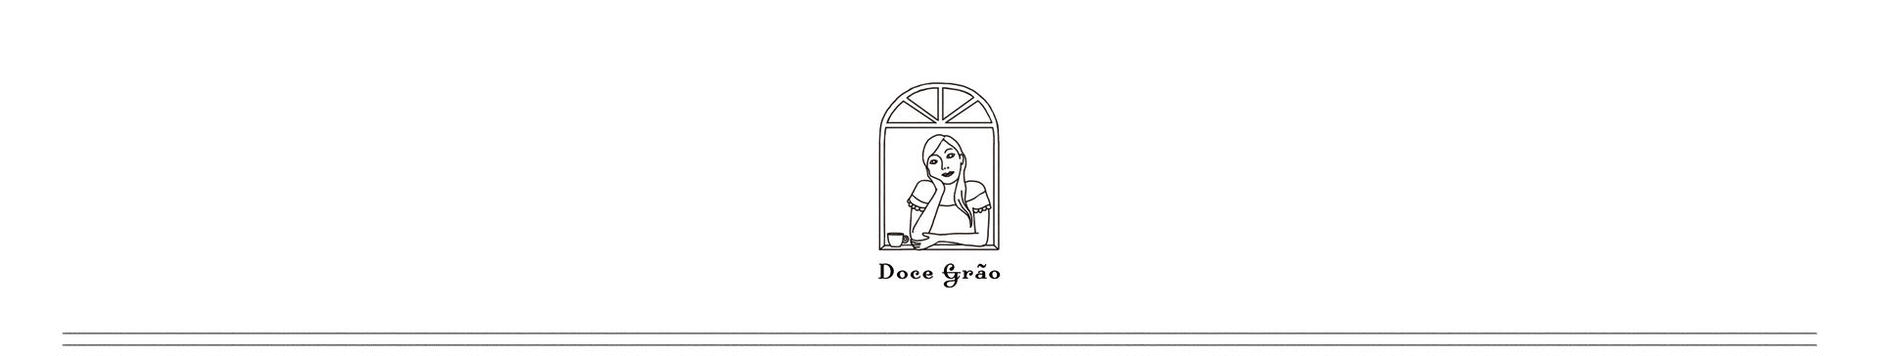 Doce Grão